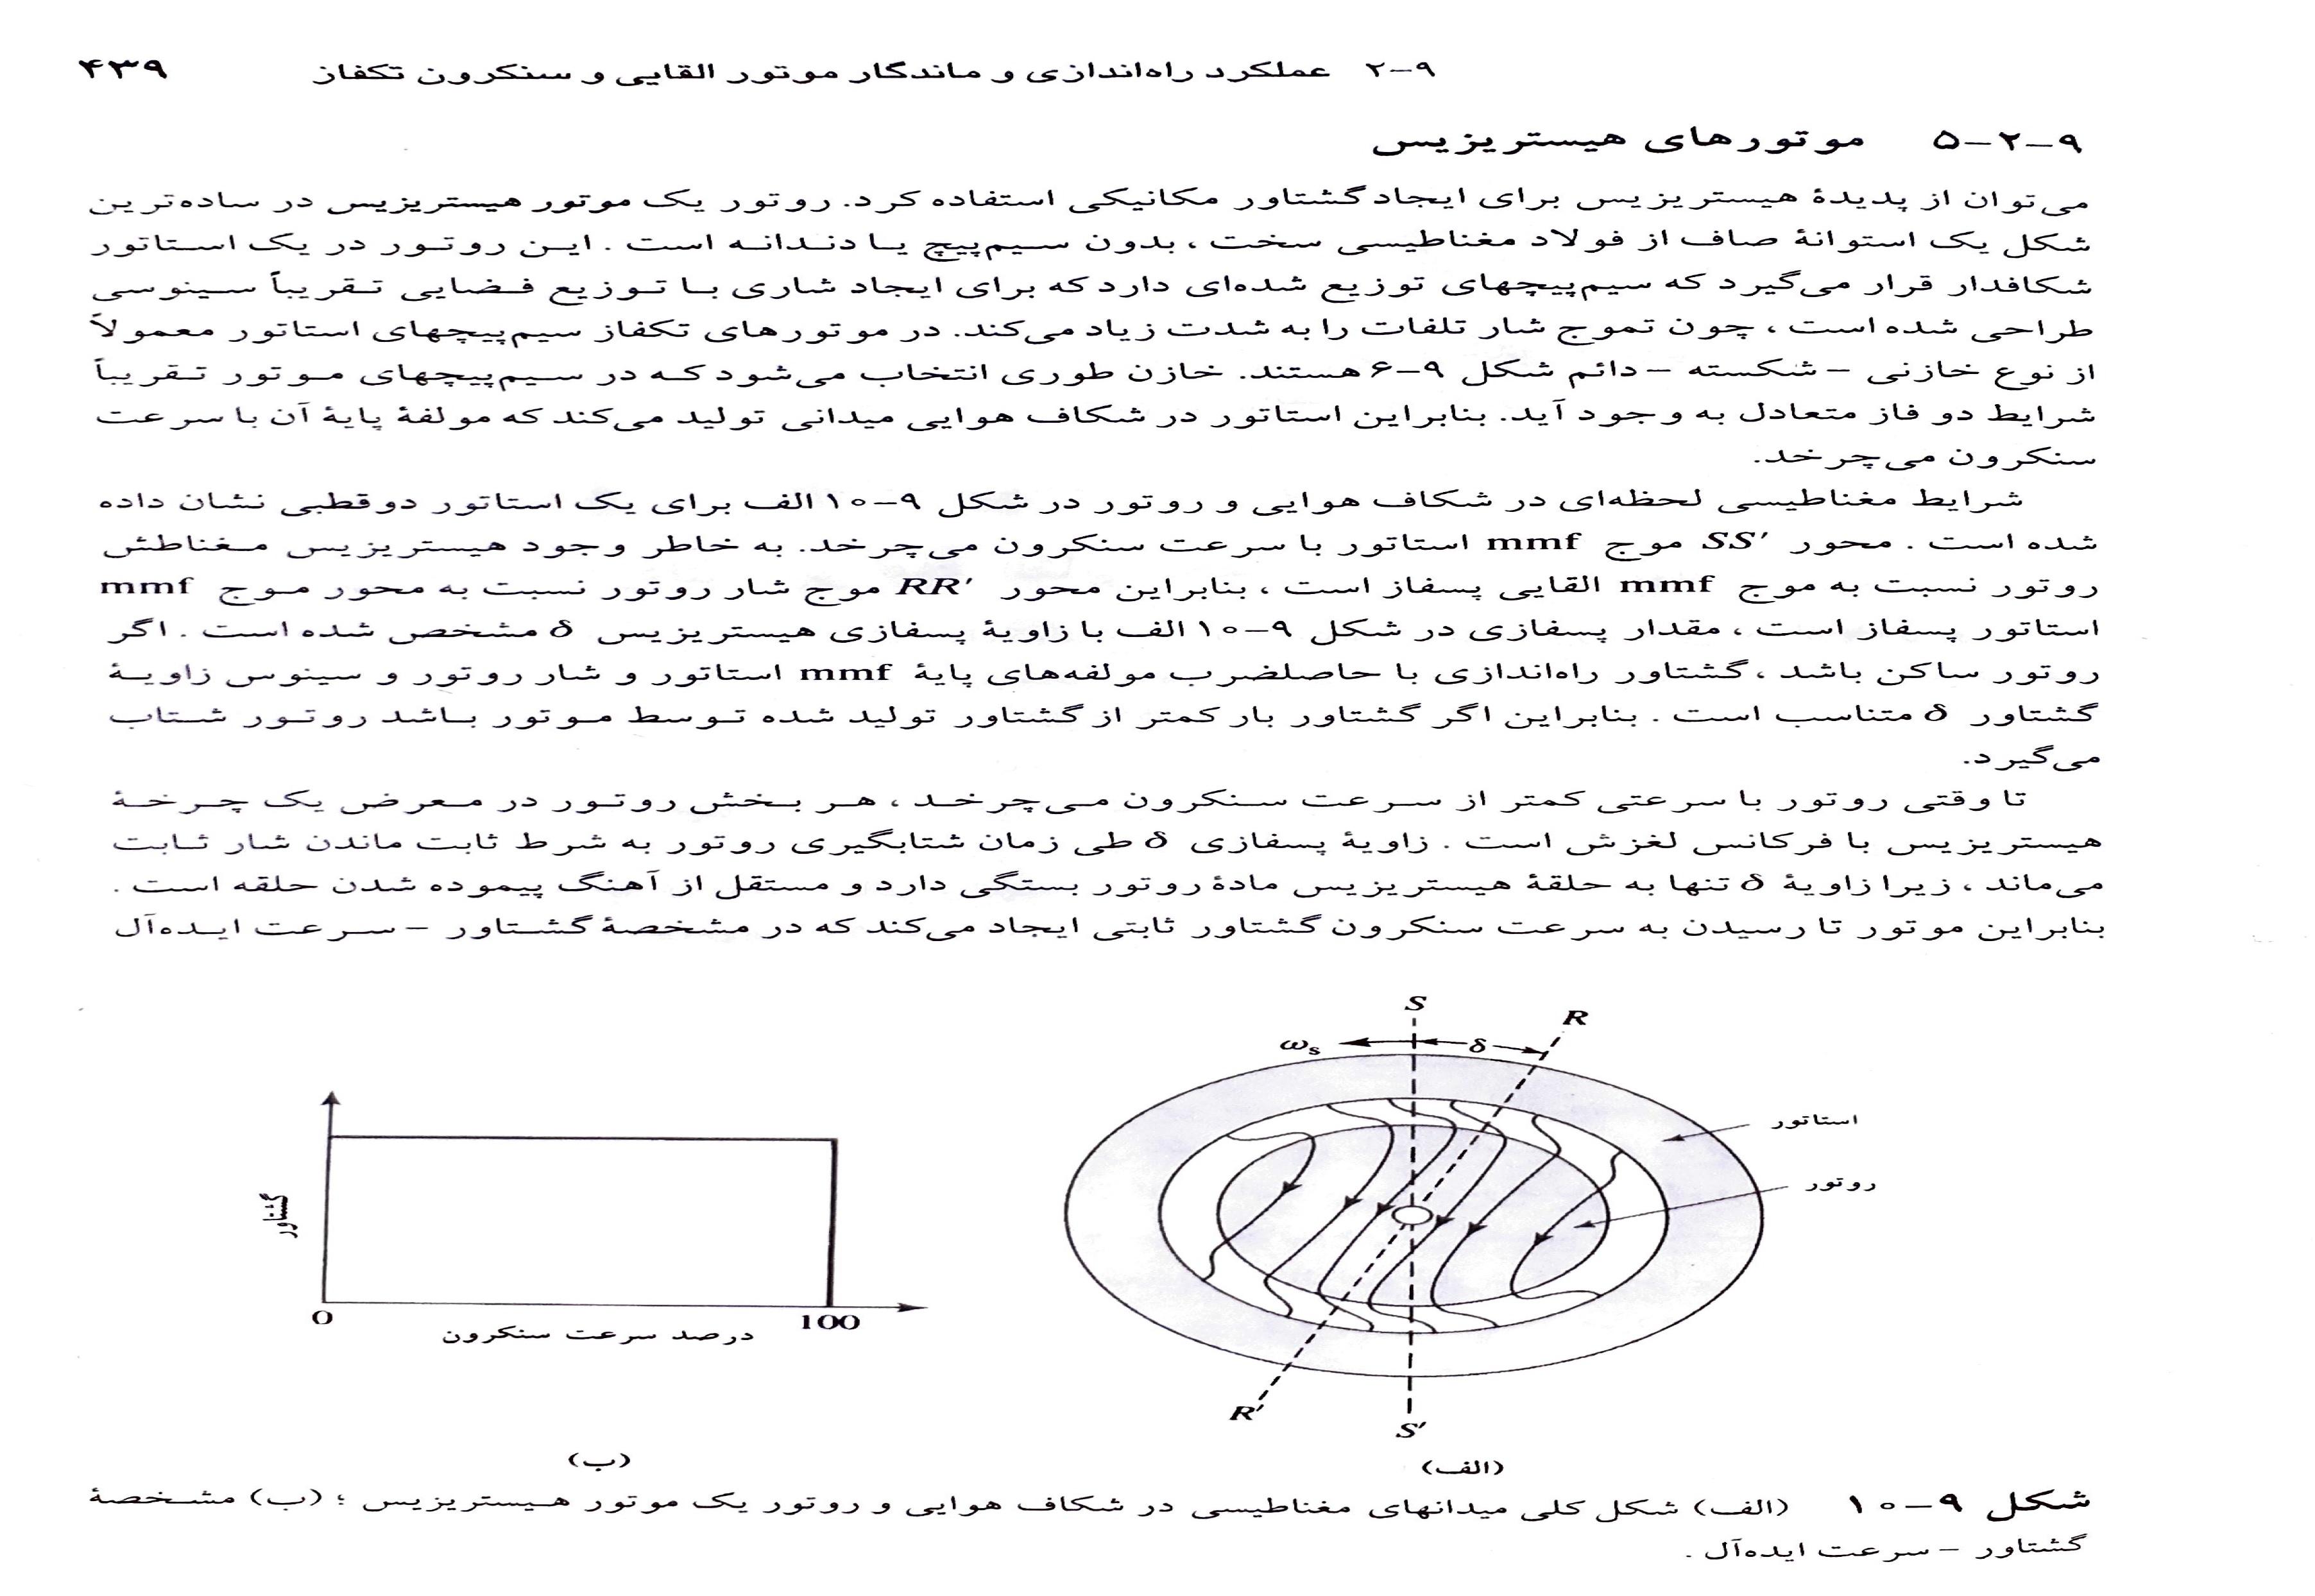 ماشین های الکتریکی فیتزجرالد فارسی ویرایش ششم فصل 9